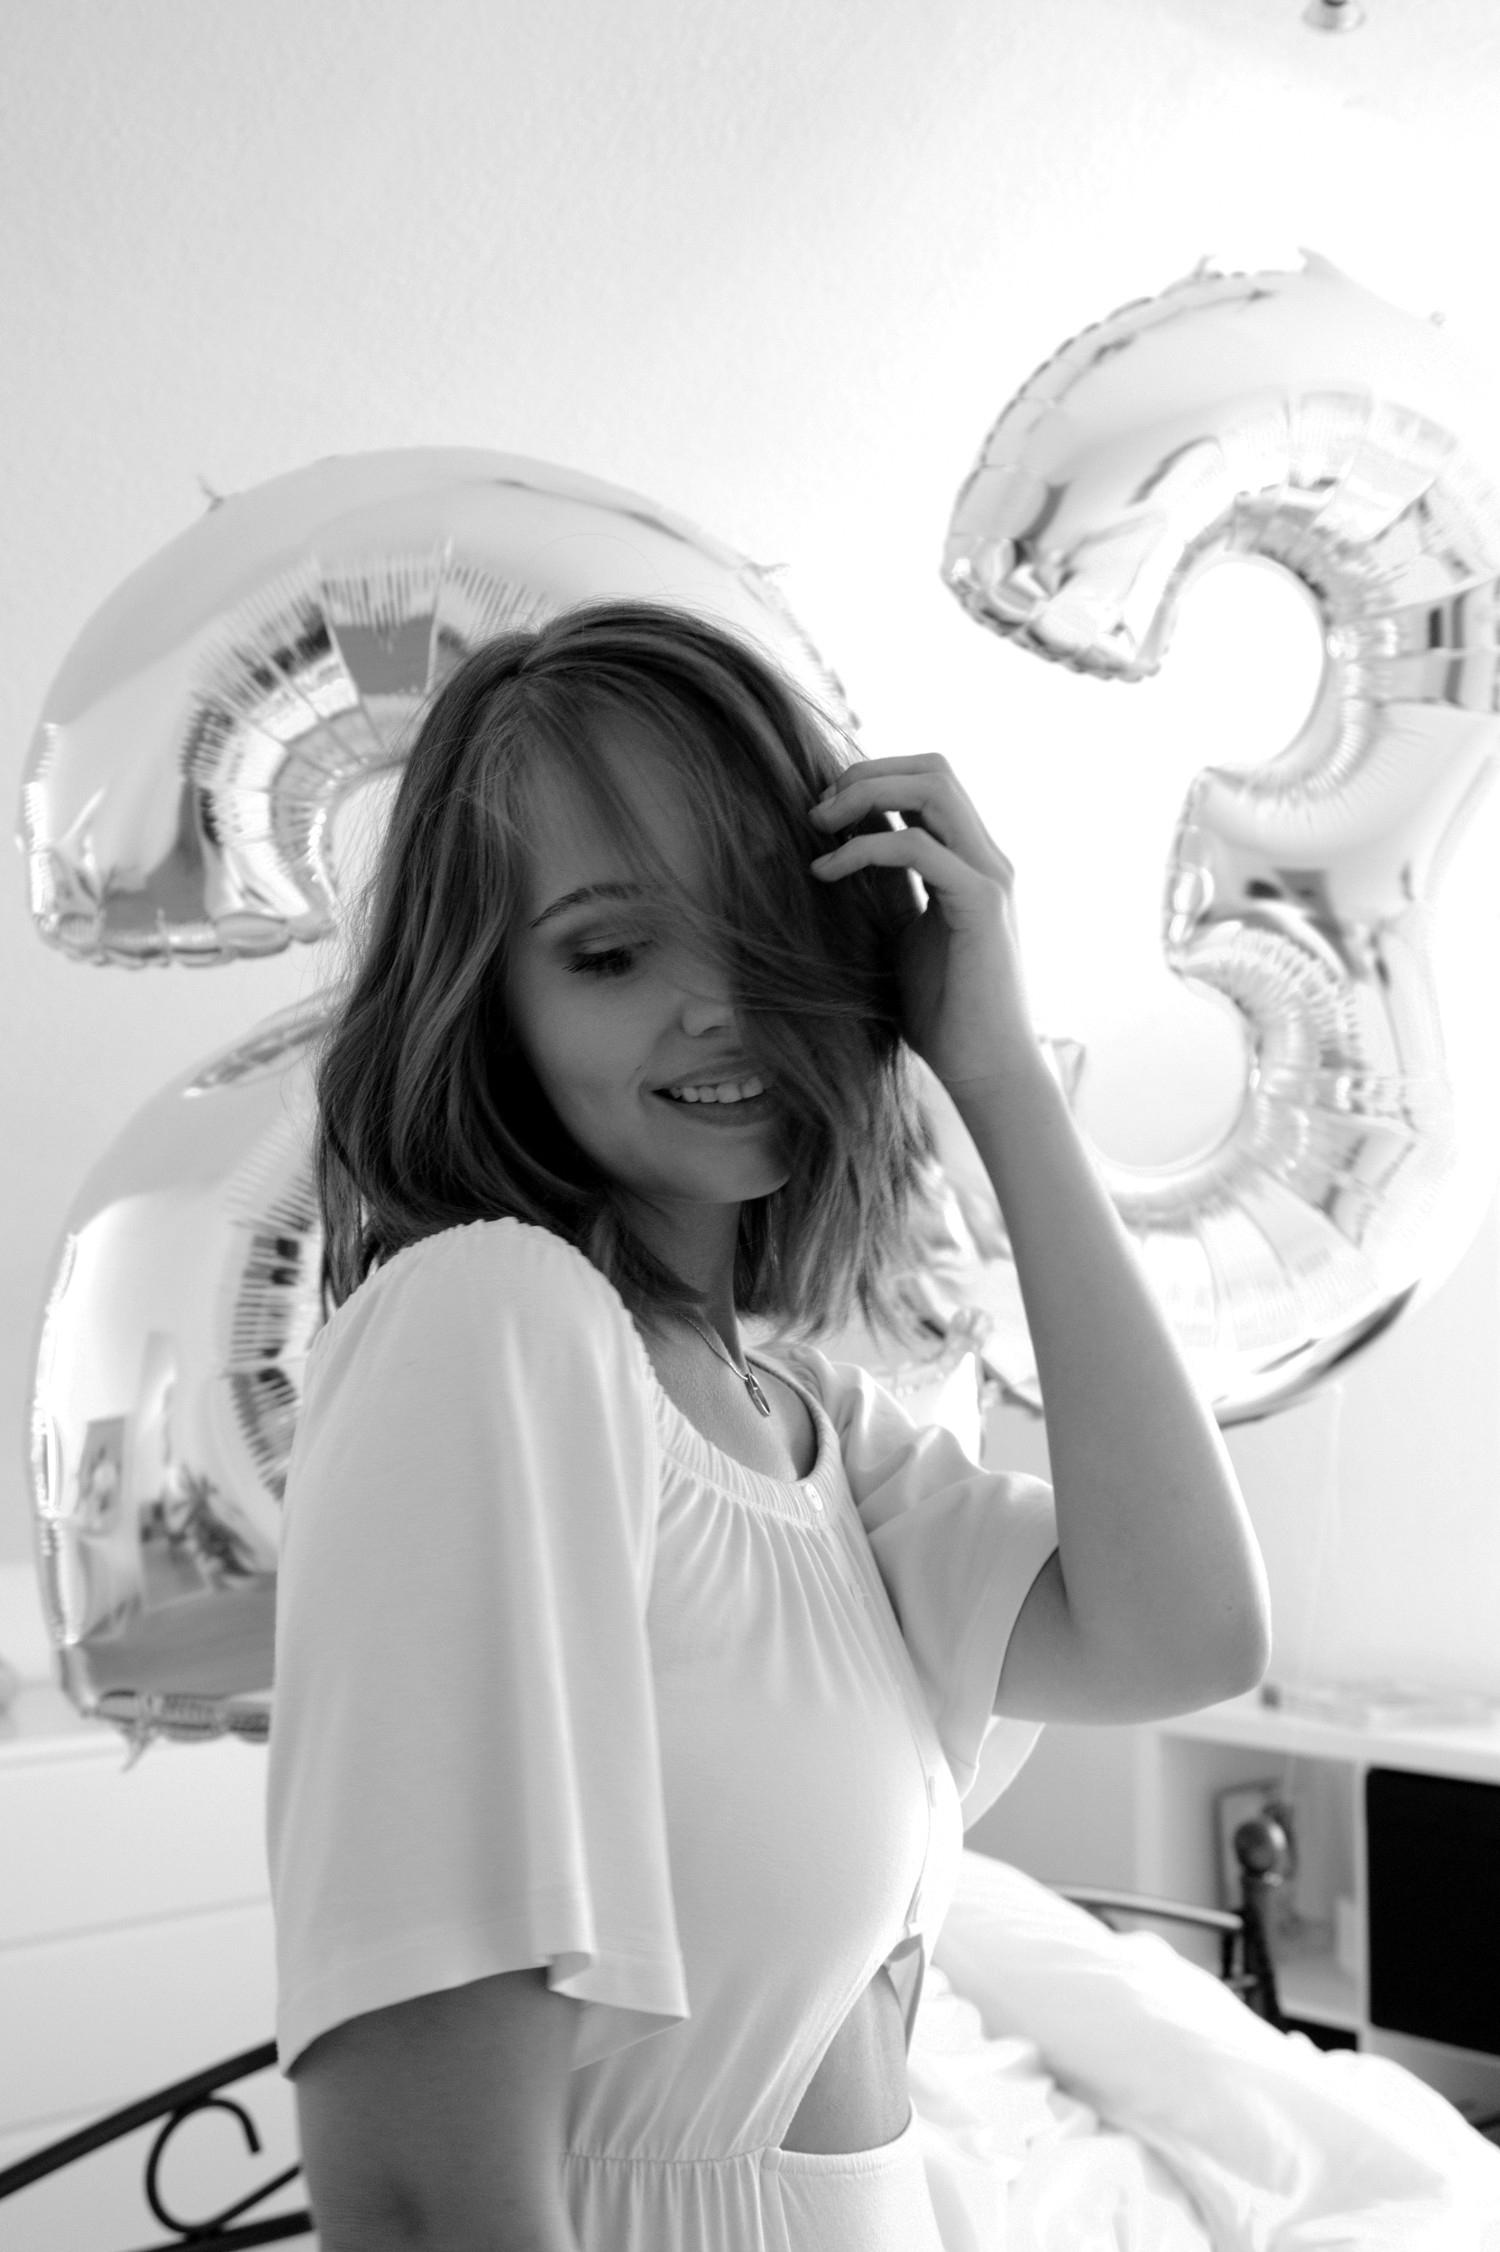 Bezaubernde Nana, bezauberndenana.de, Geanken, Kolumne, 23, das perfekte Alter, erwachsen sein